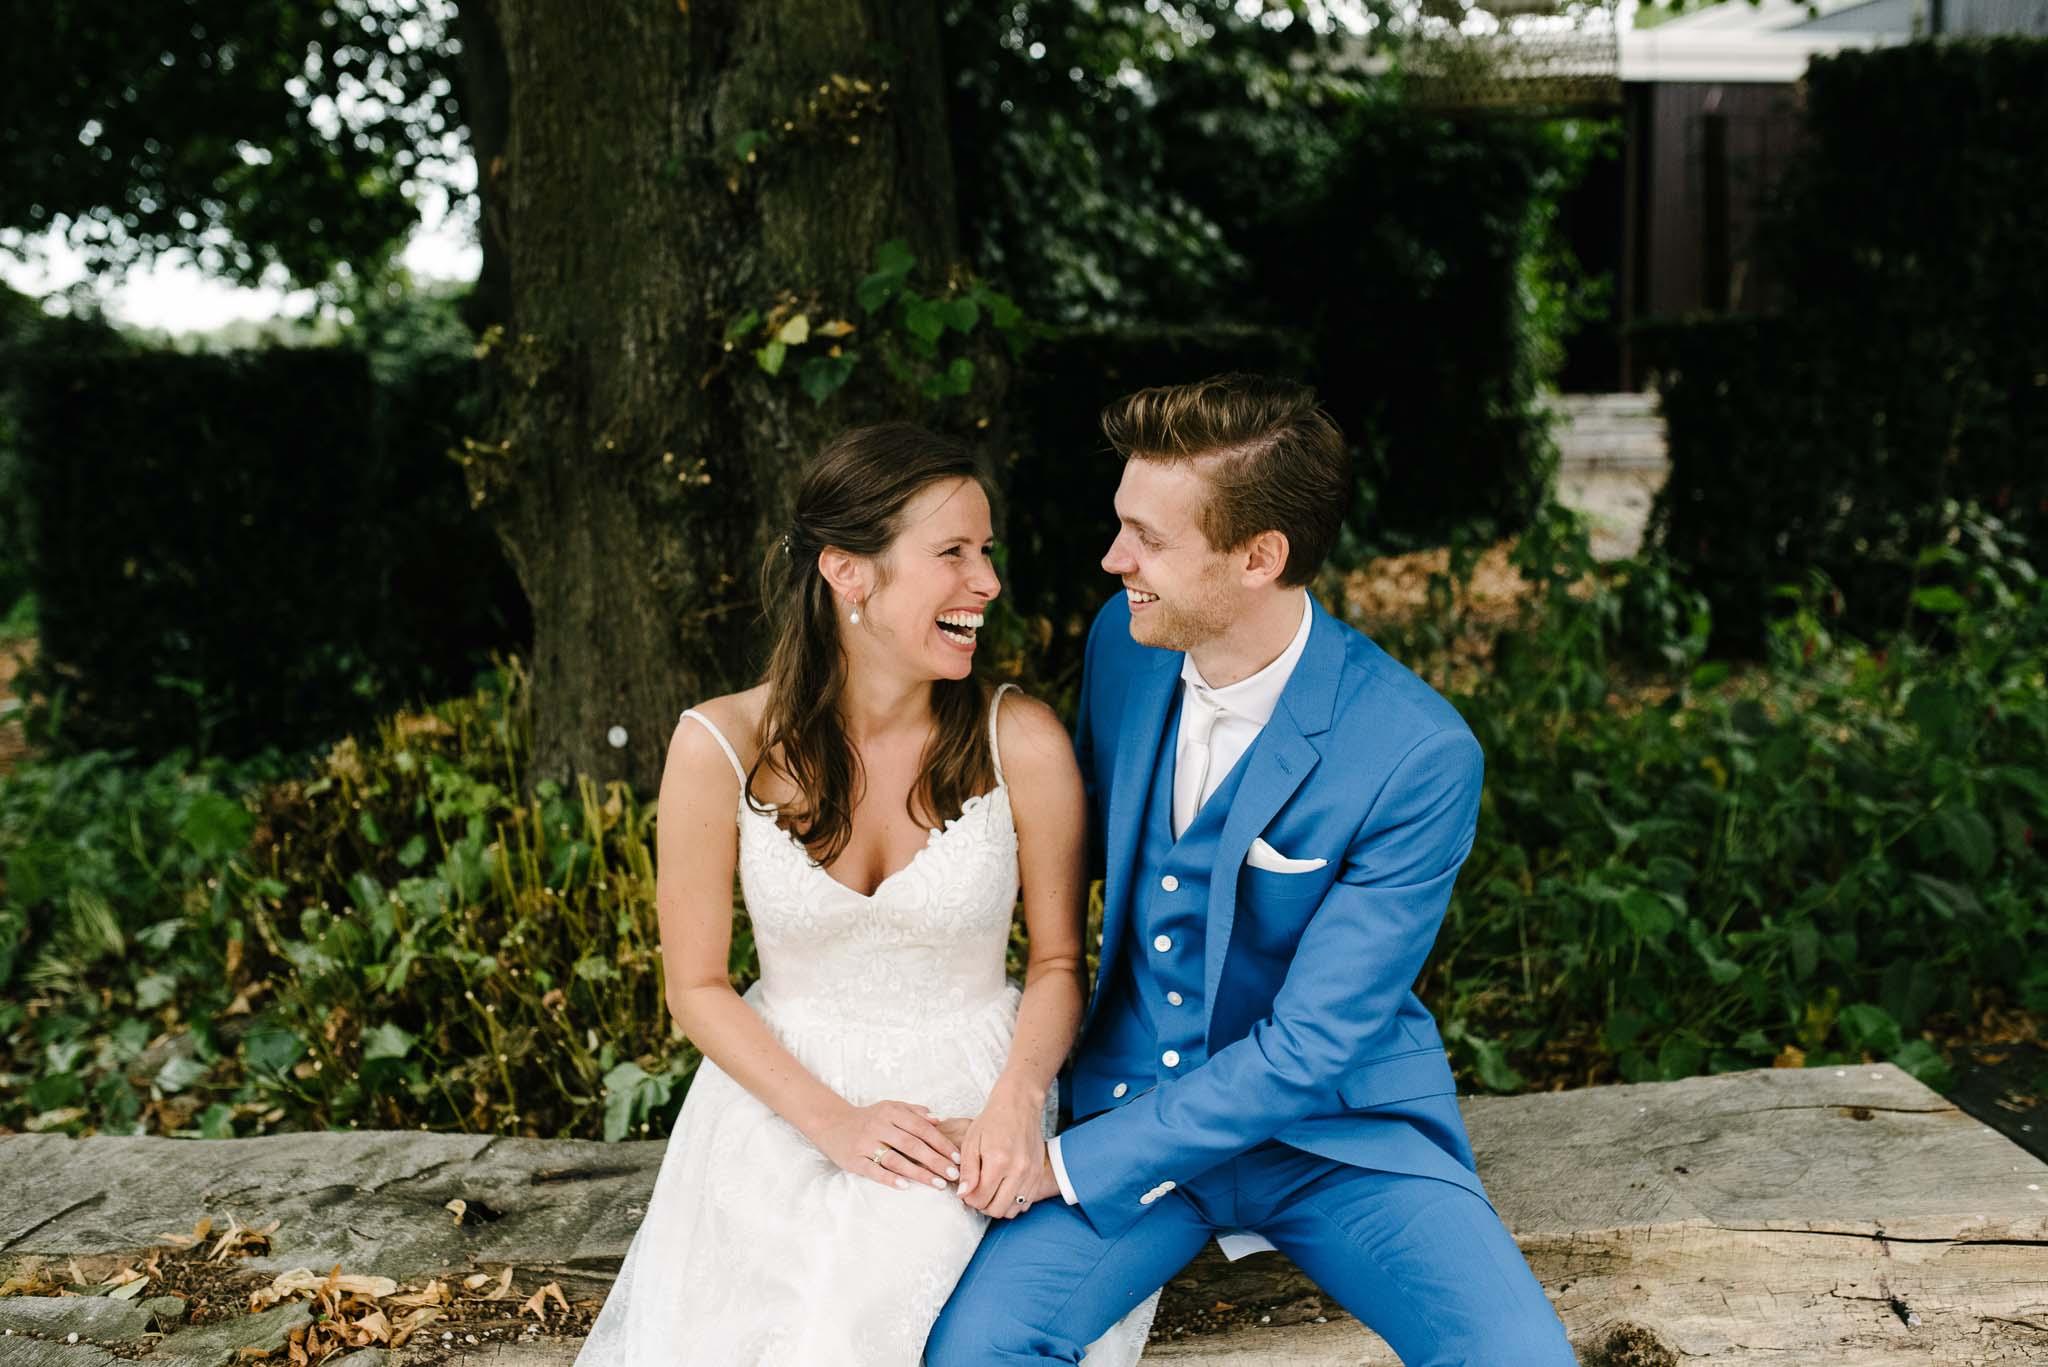 fotograaf bruiloft Den Bosch Eindhoven